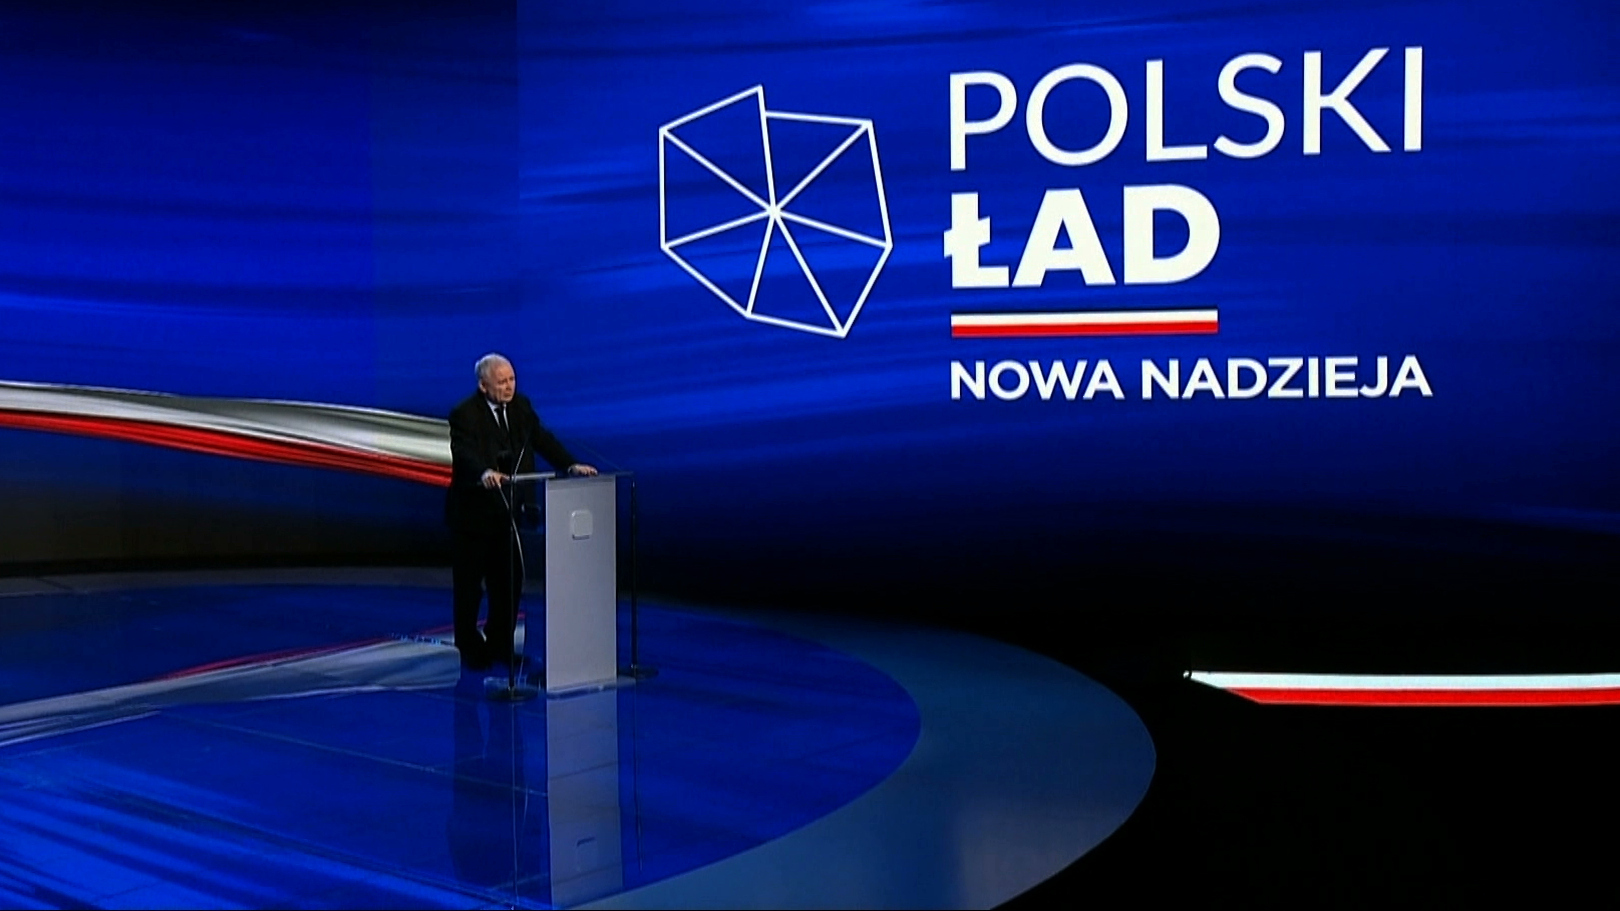 Liderzy Zjednoczonej Prawicy przedstawili szczegóły Polskiego Ładu